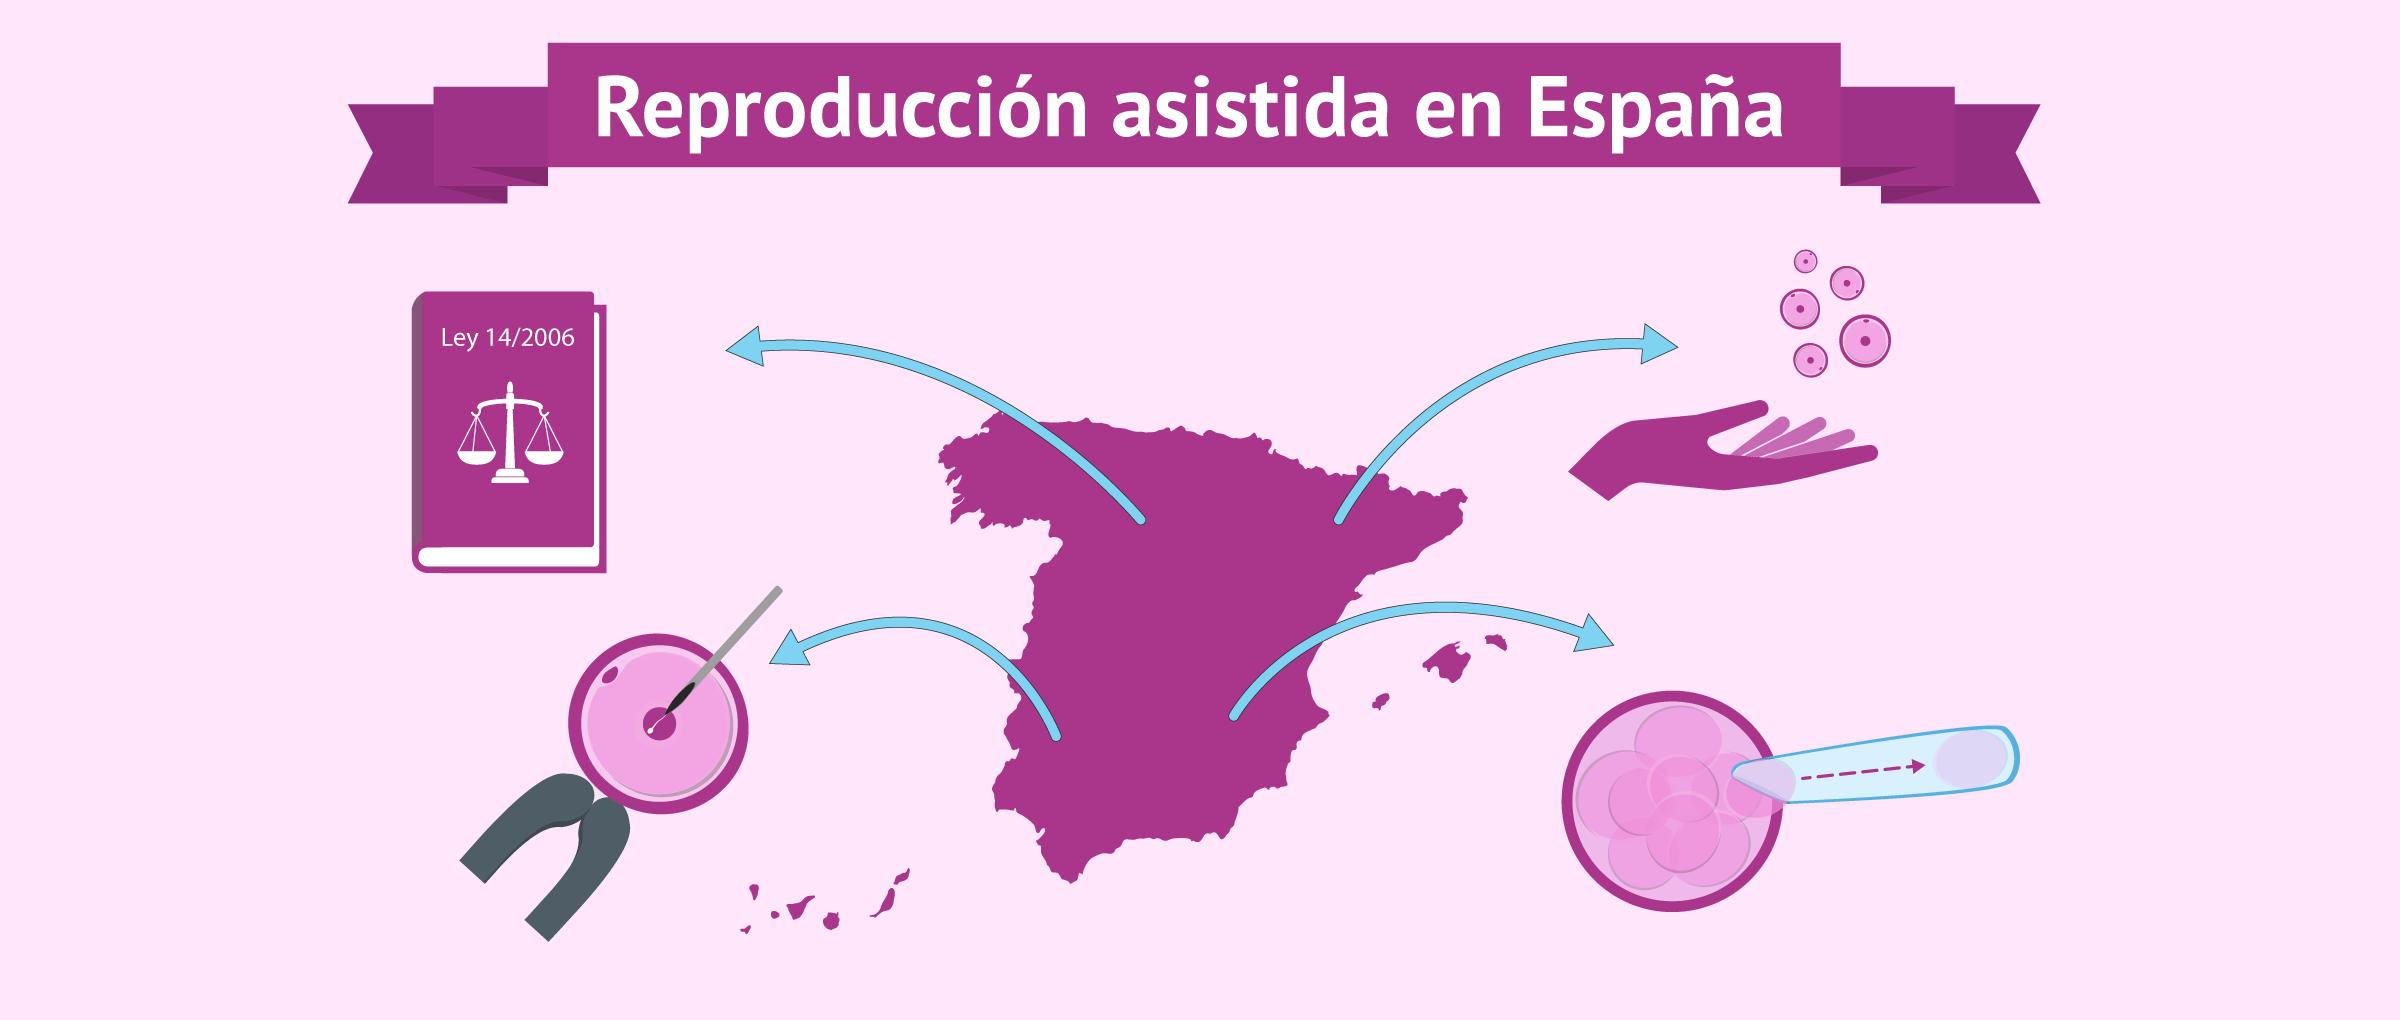 La reproducción asistida en España